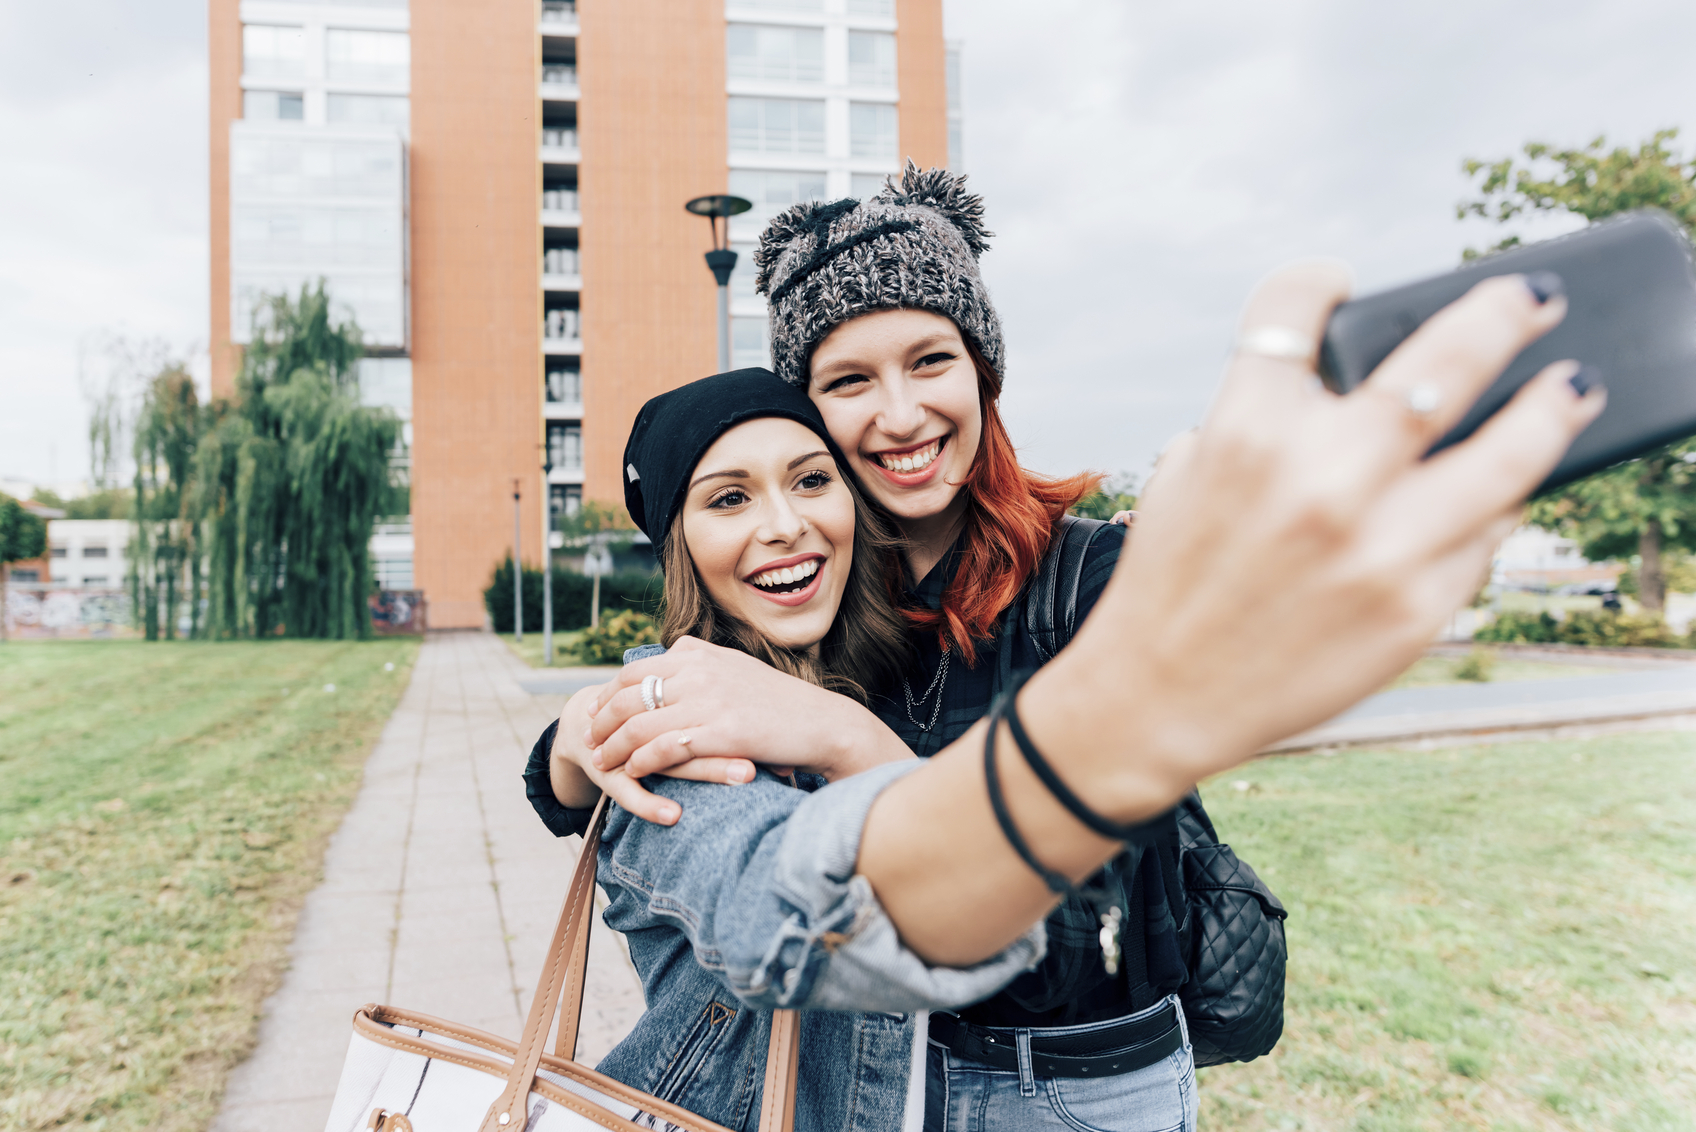 Narcisismo y redes sociales